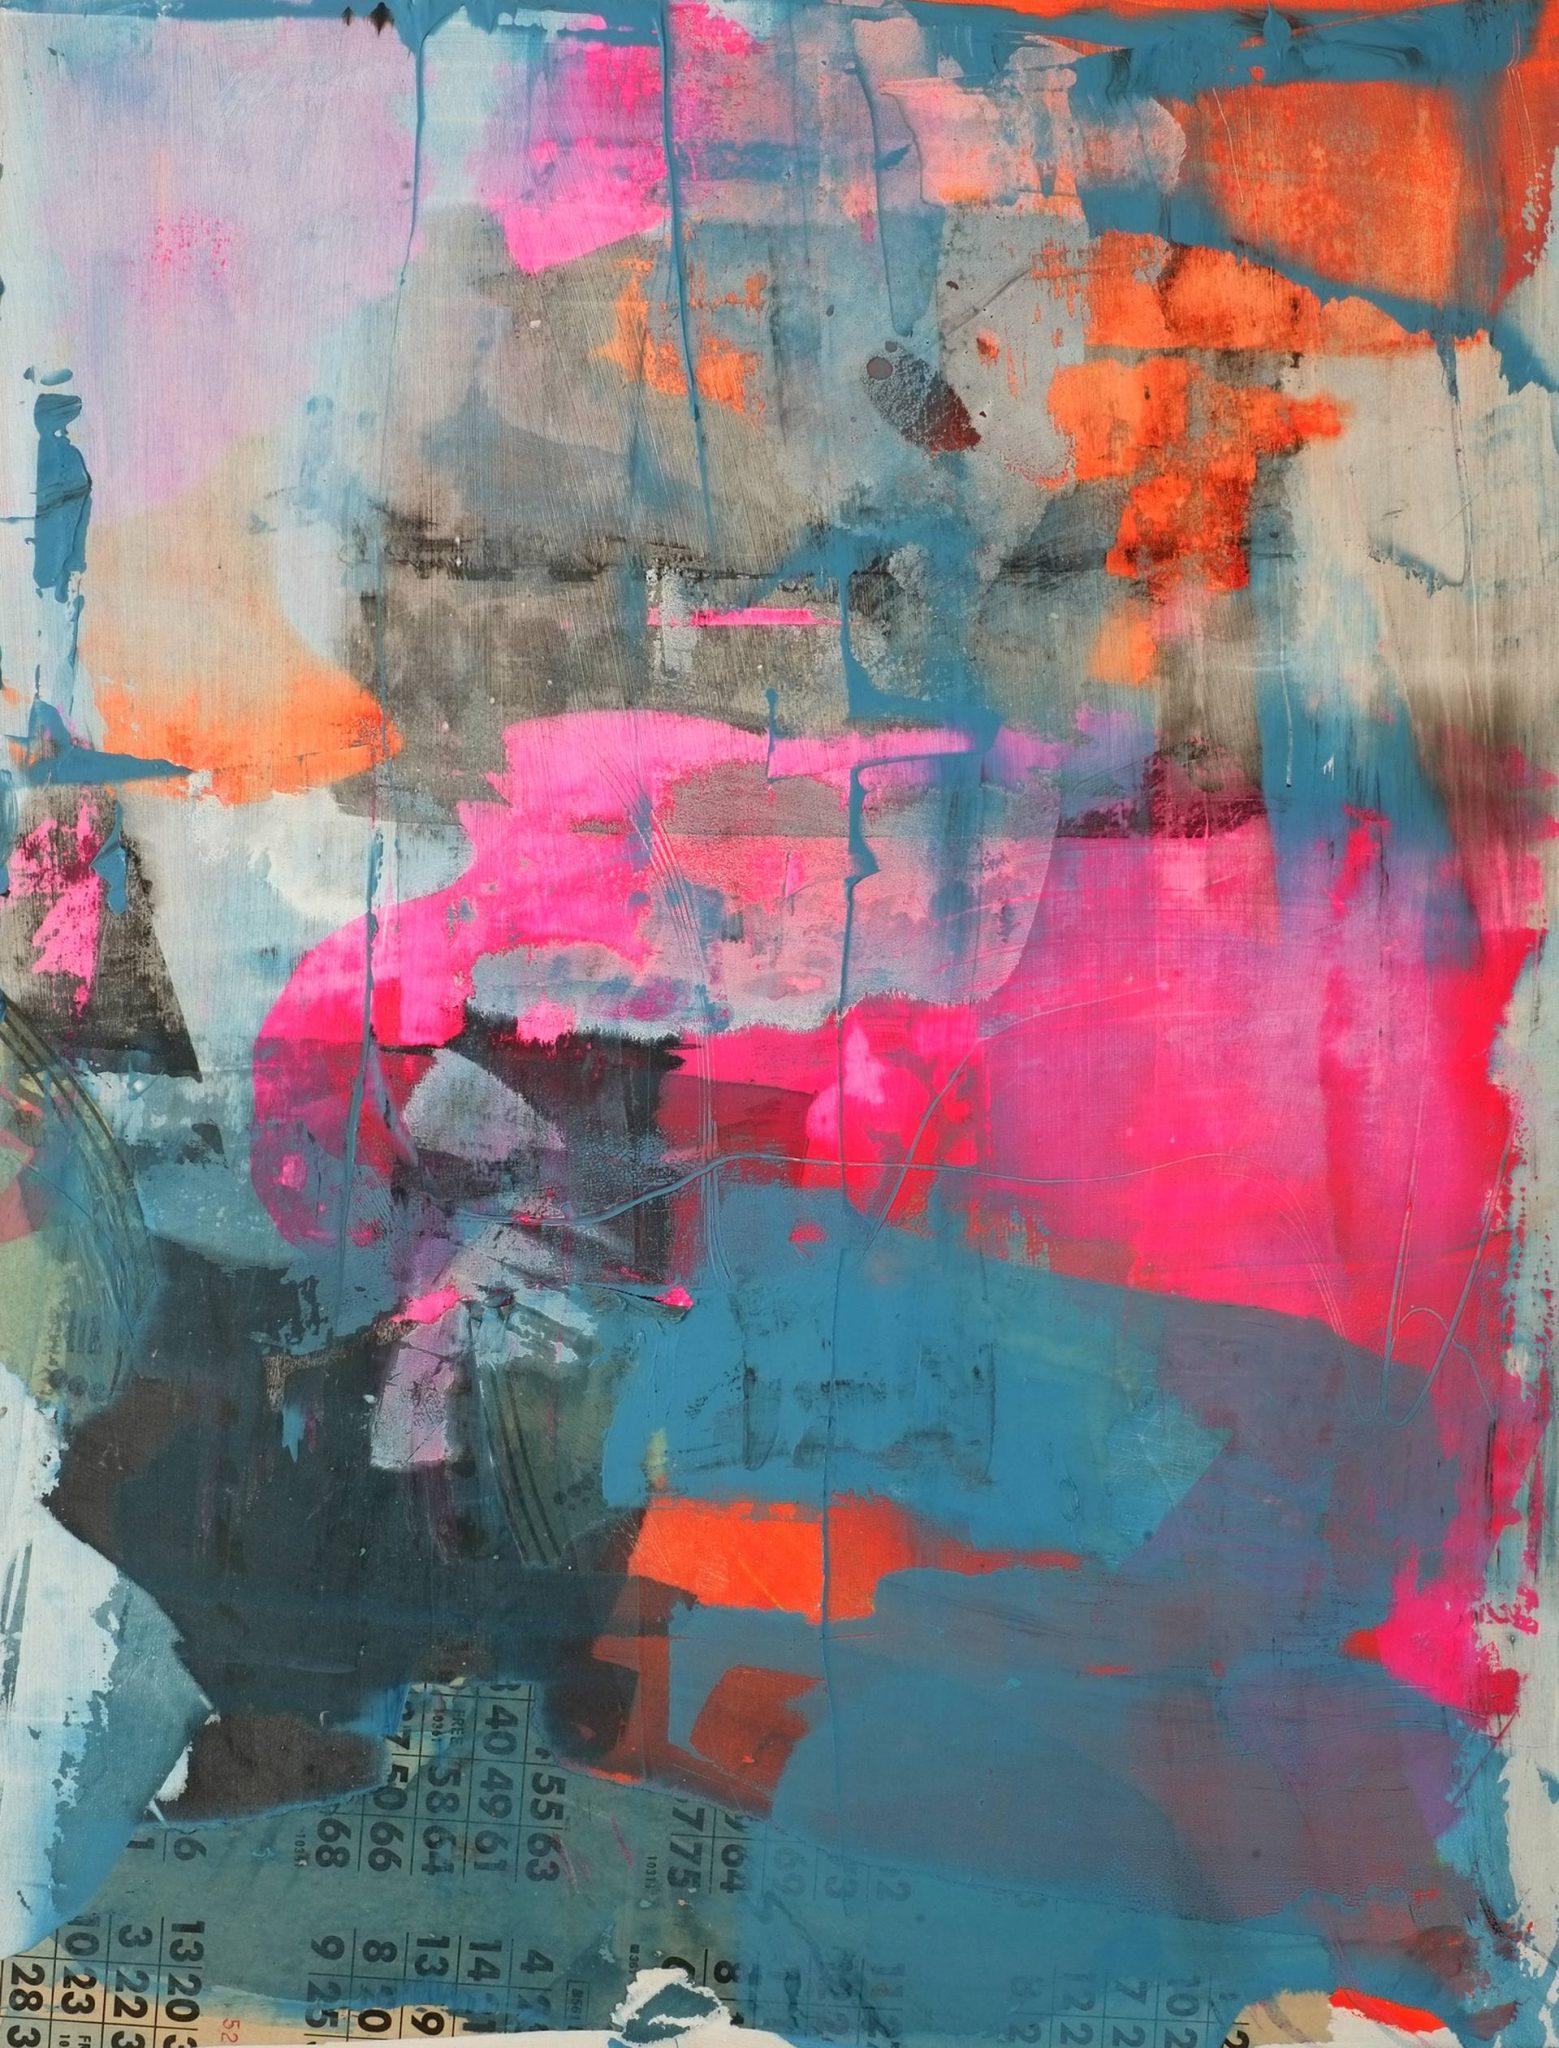 Resurgence by Deanna Fainelli